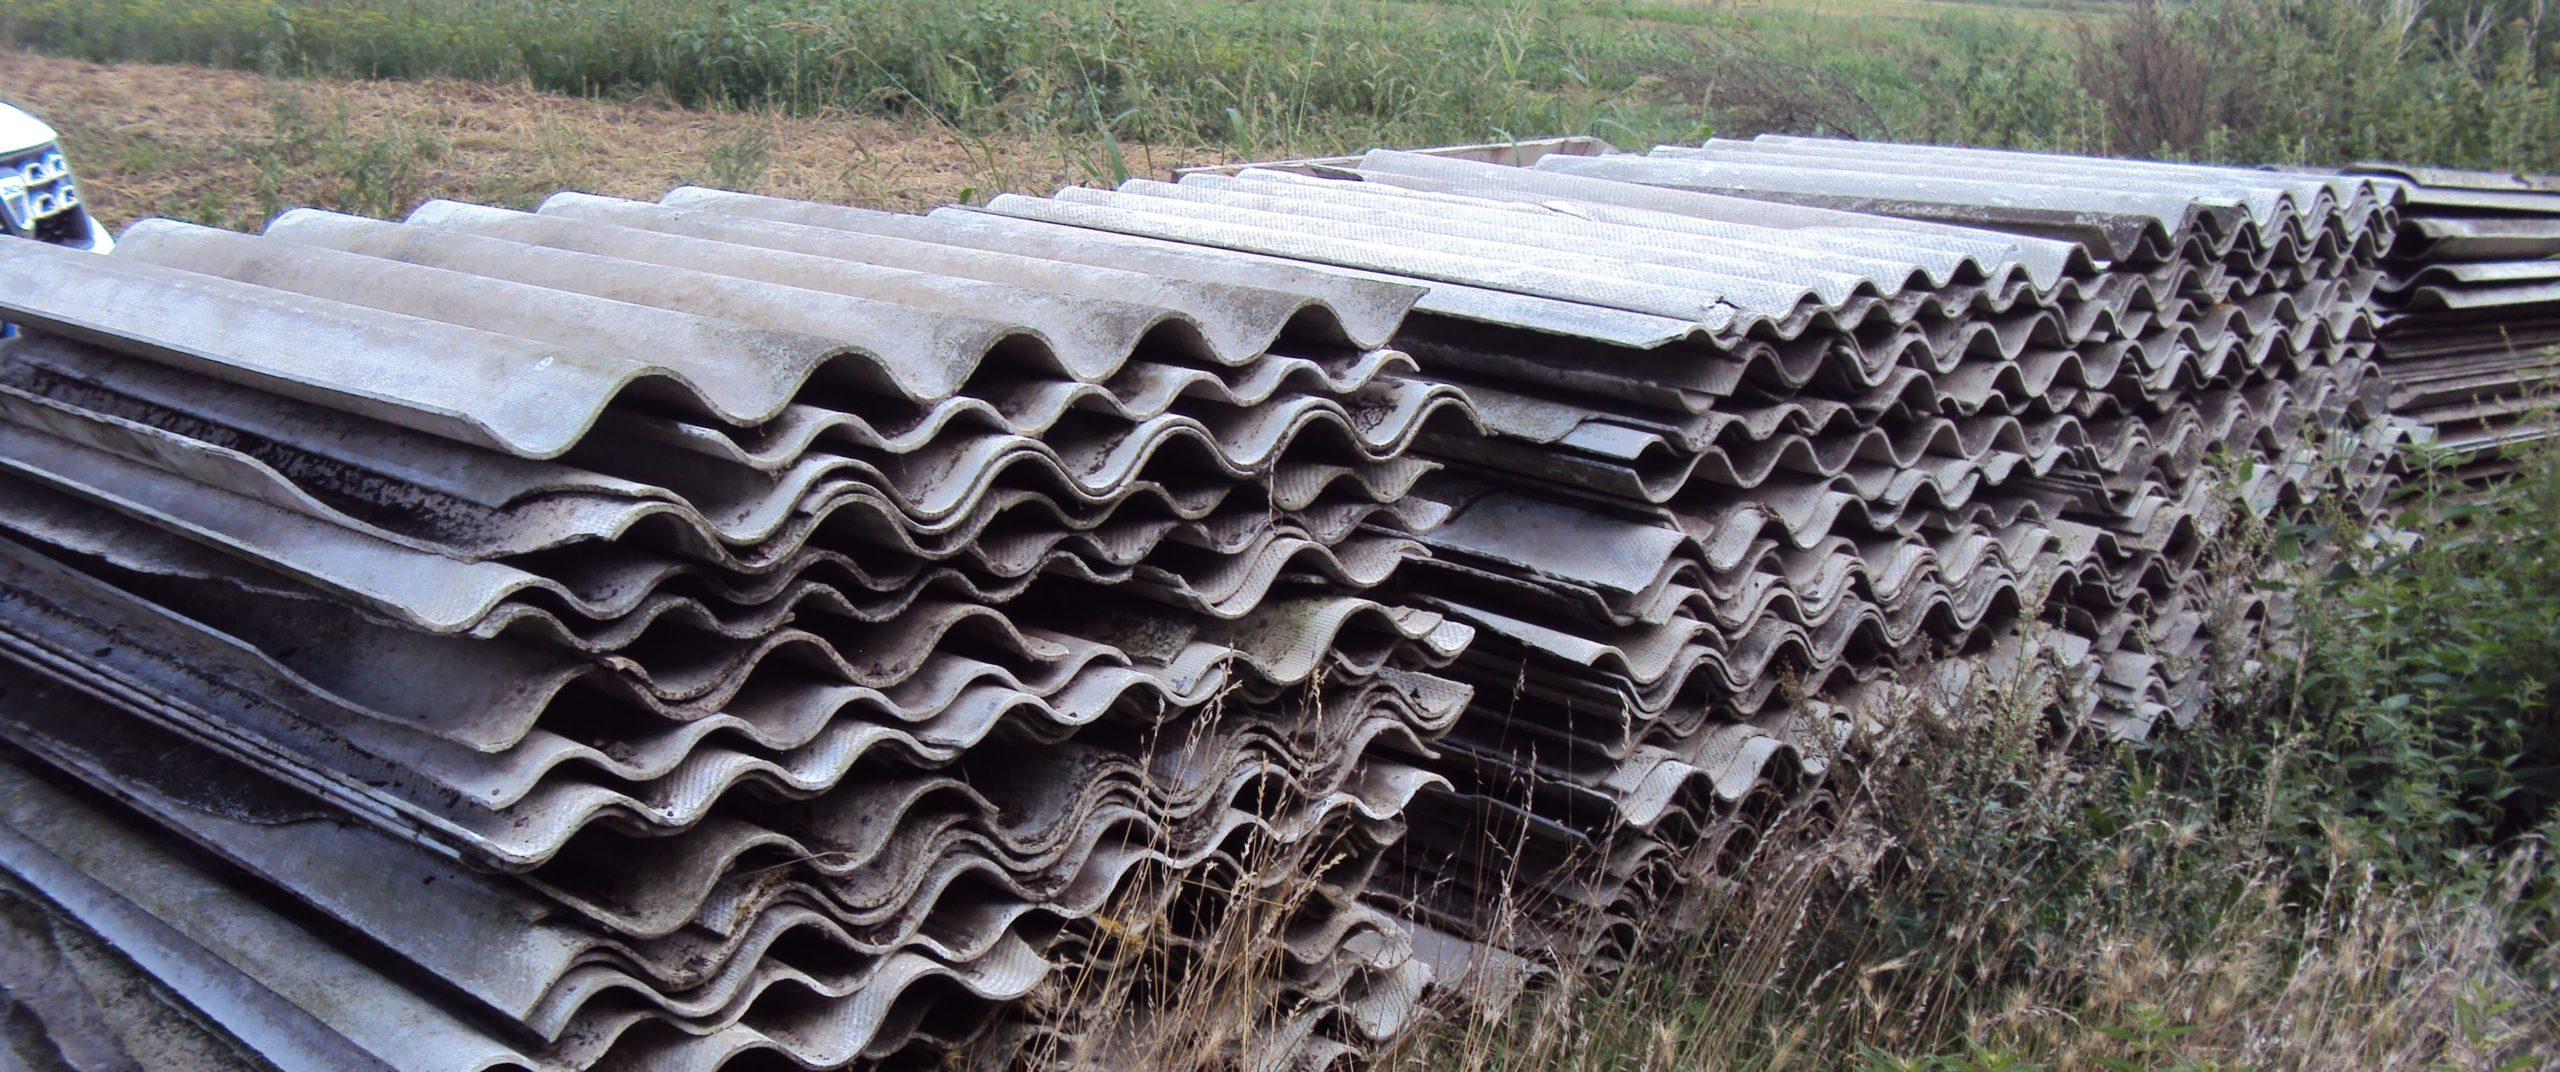 Obowiązek przedkładania przez osoby fizyczne niebędące przedsiębiorcami informacji o wyrobach zawierających azbest i miejscu ich wykorzystania.